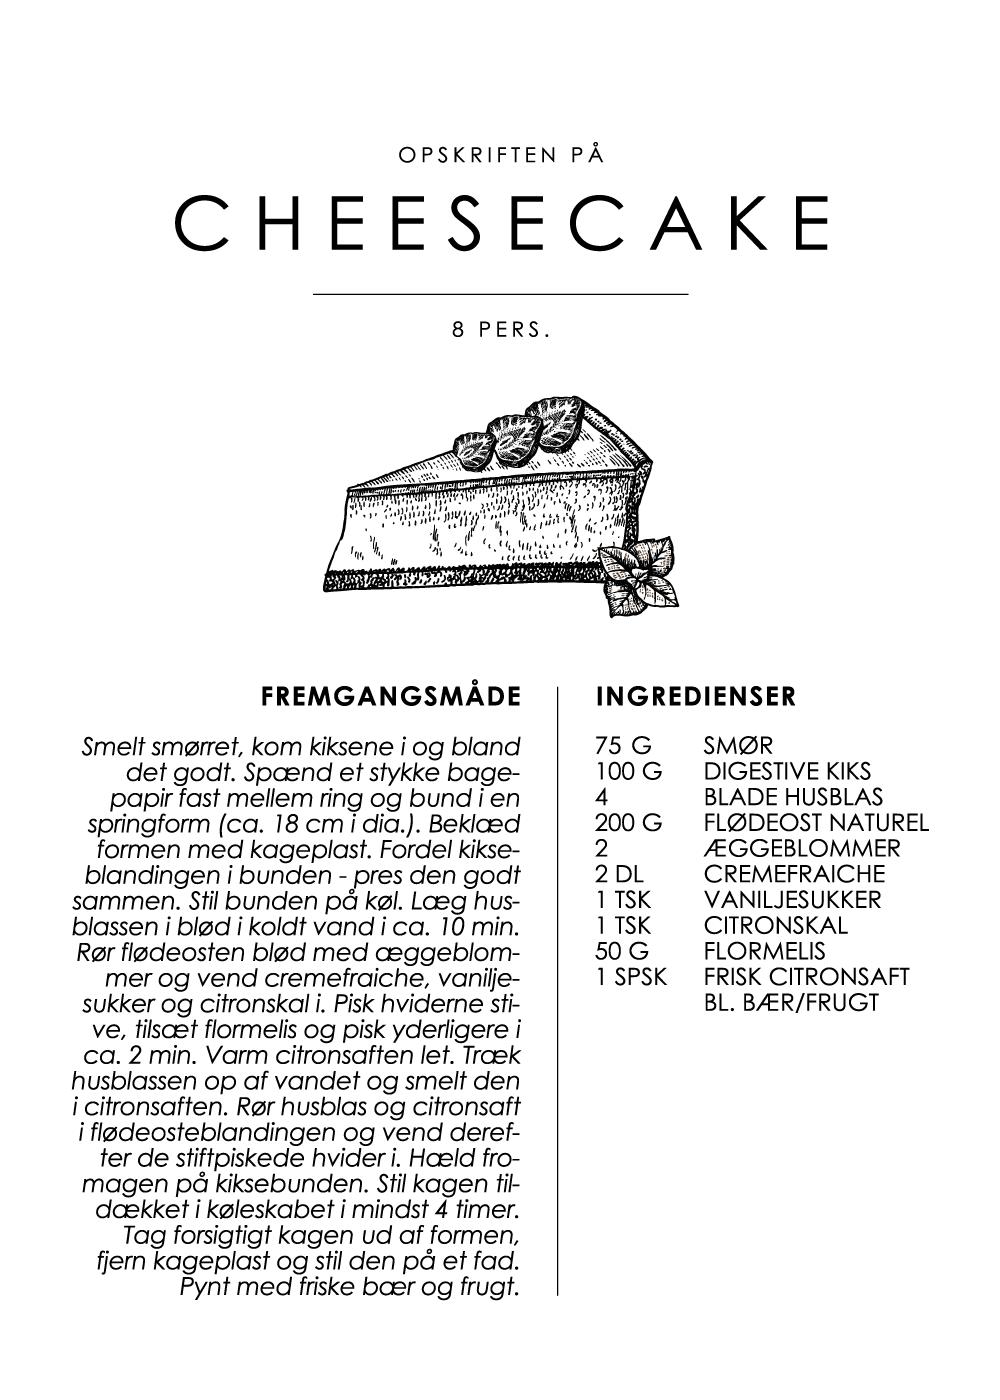 Billede af Chessecake opskrift - Kage guide plakat